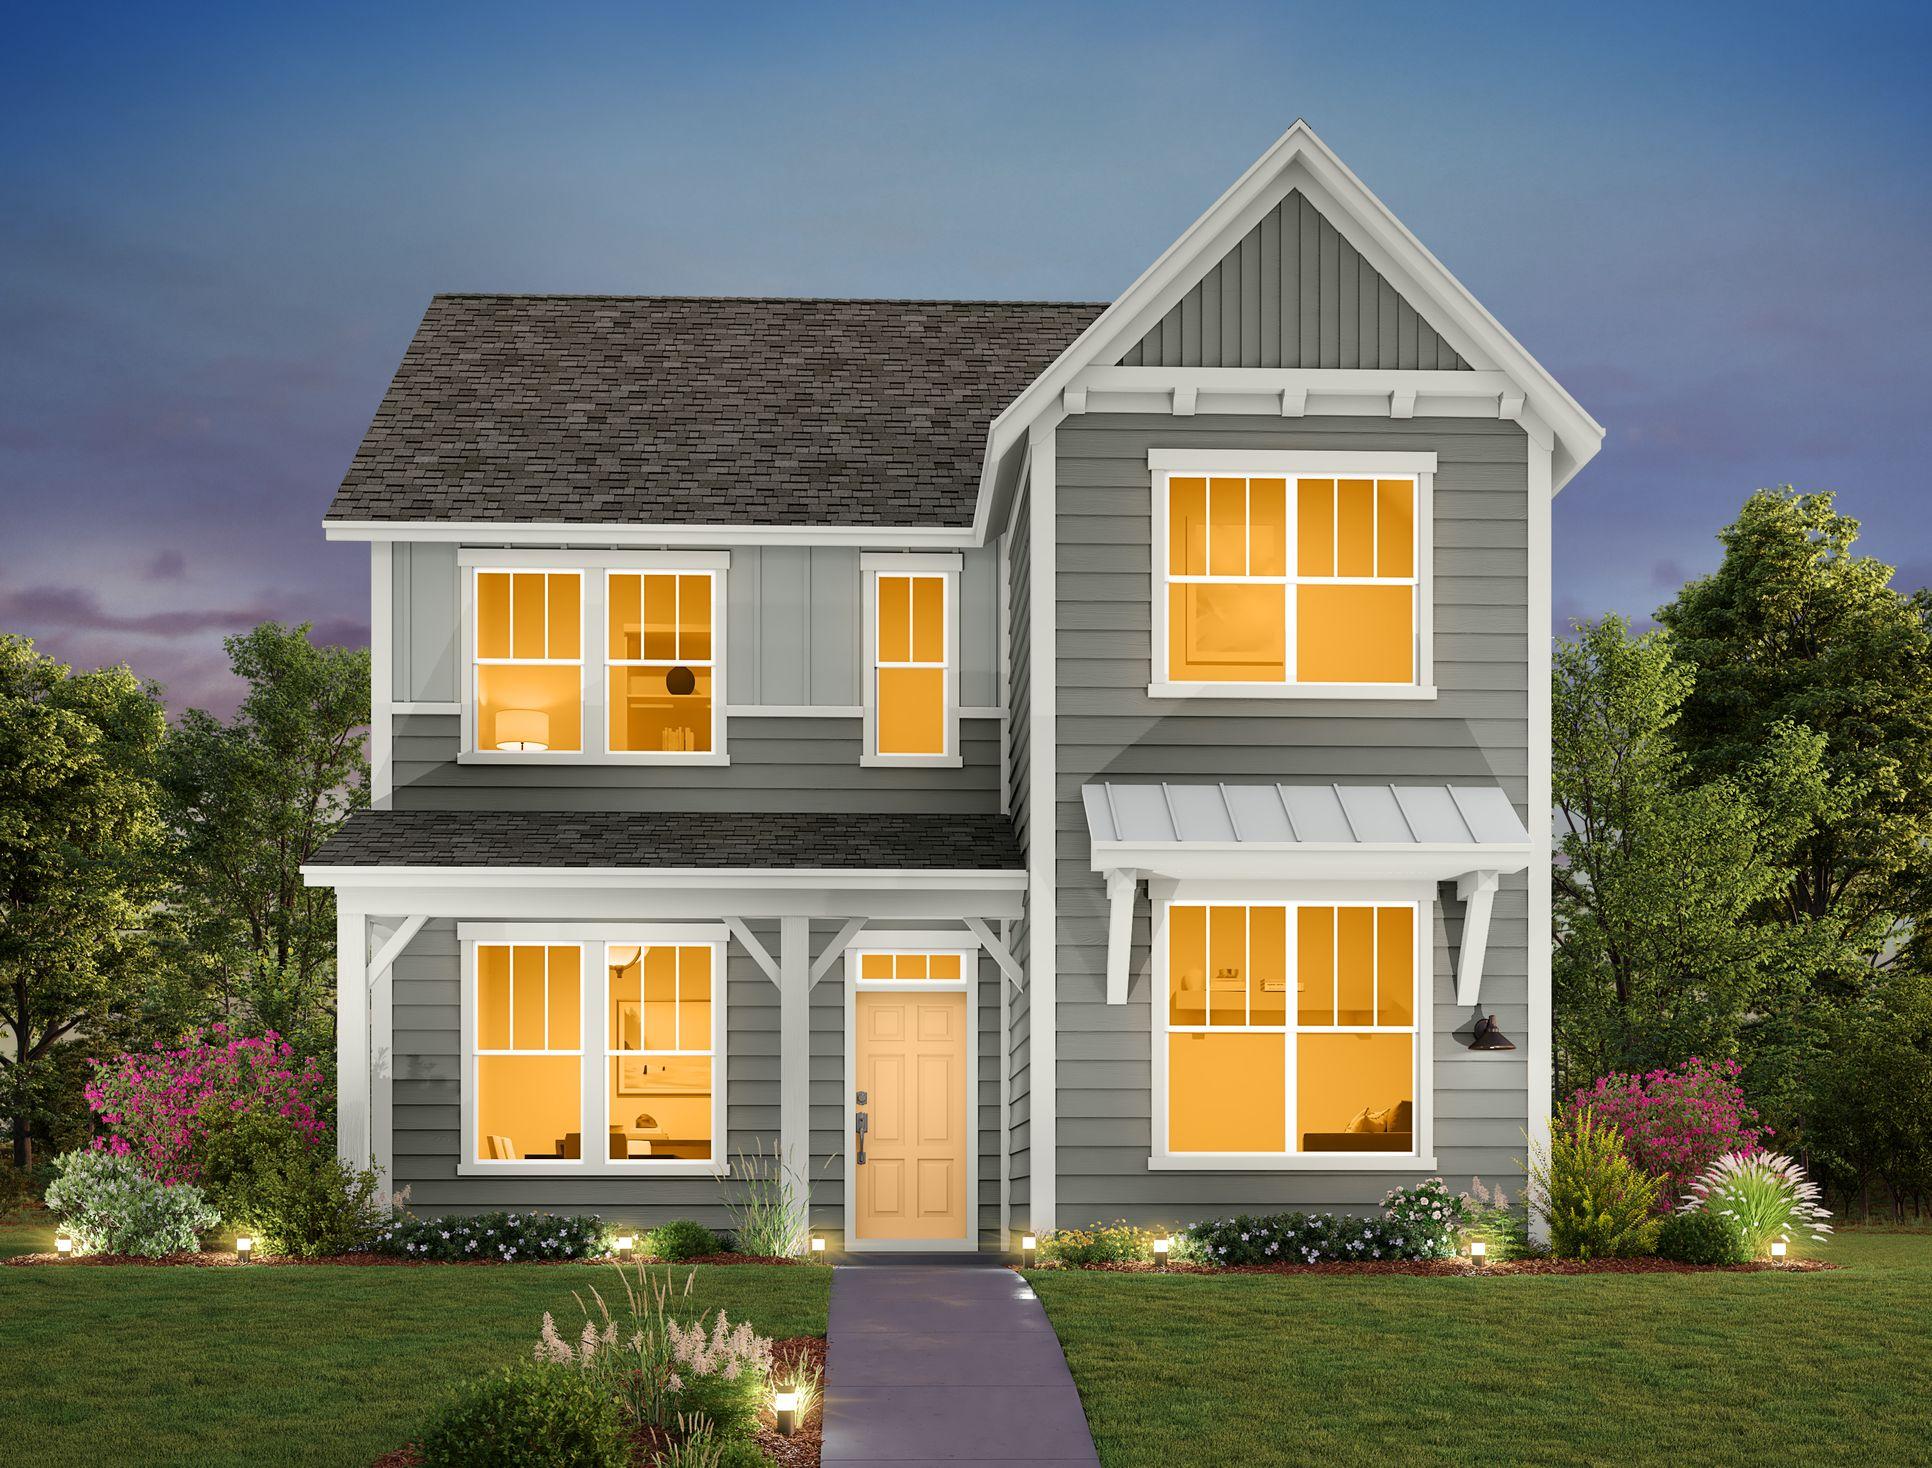 Exterior:Mockingbird Park Cottages - Blue Jay Elevation Image 1